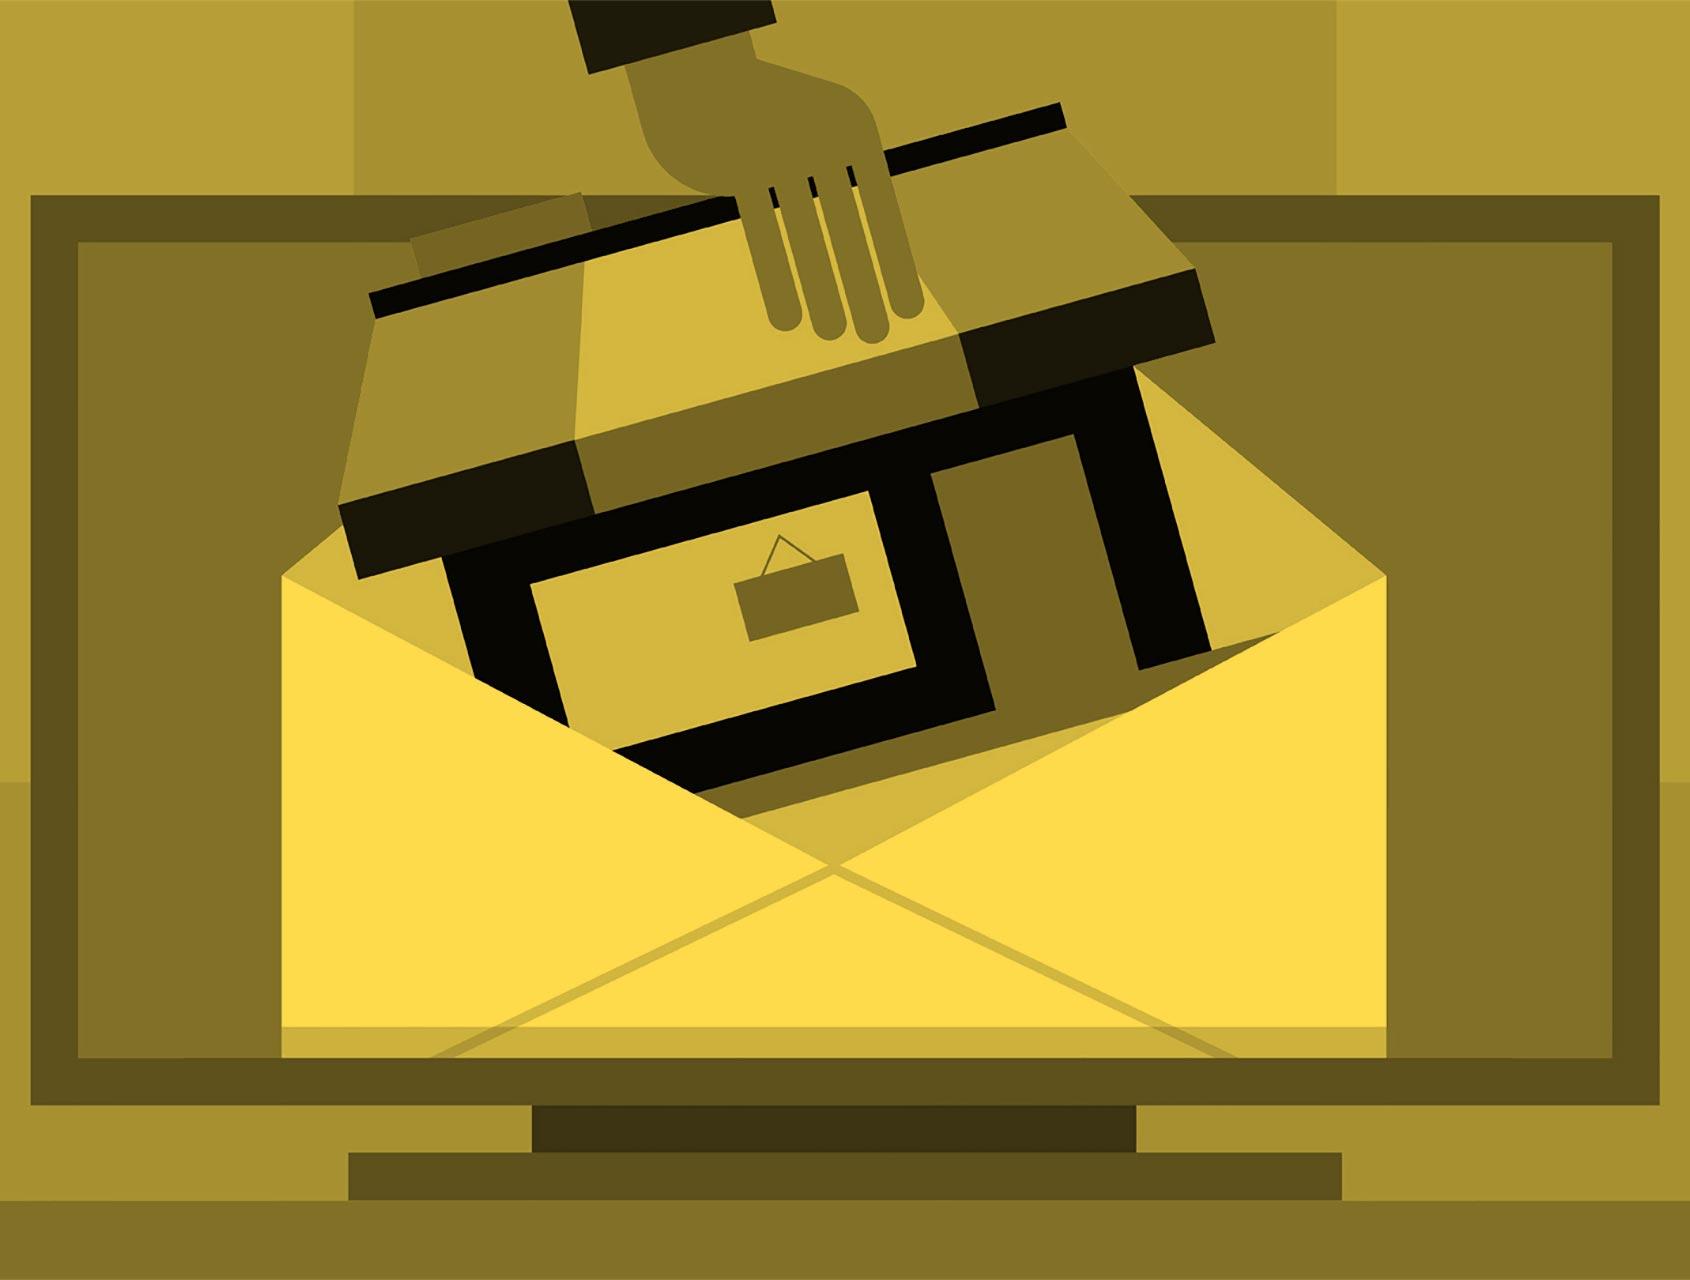 come fare email marketing professionale